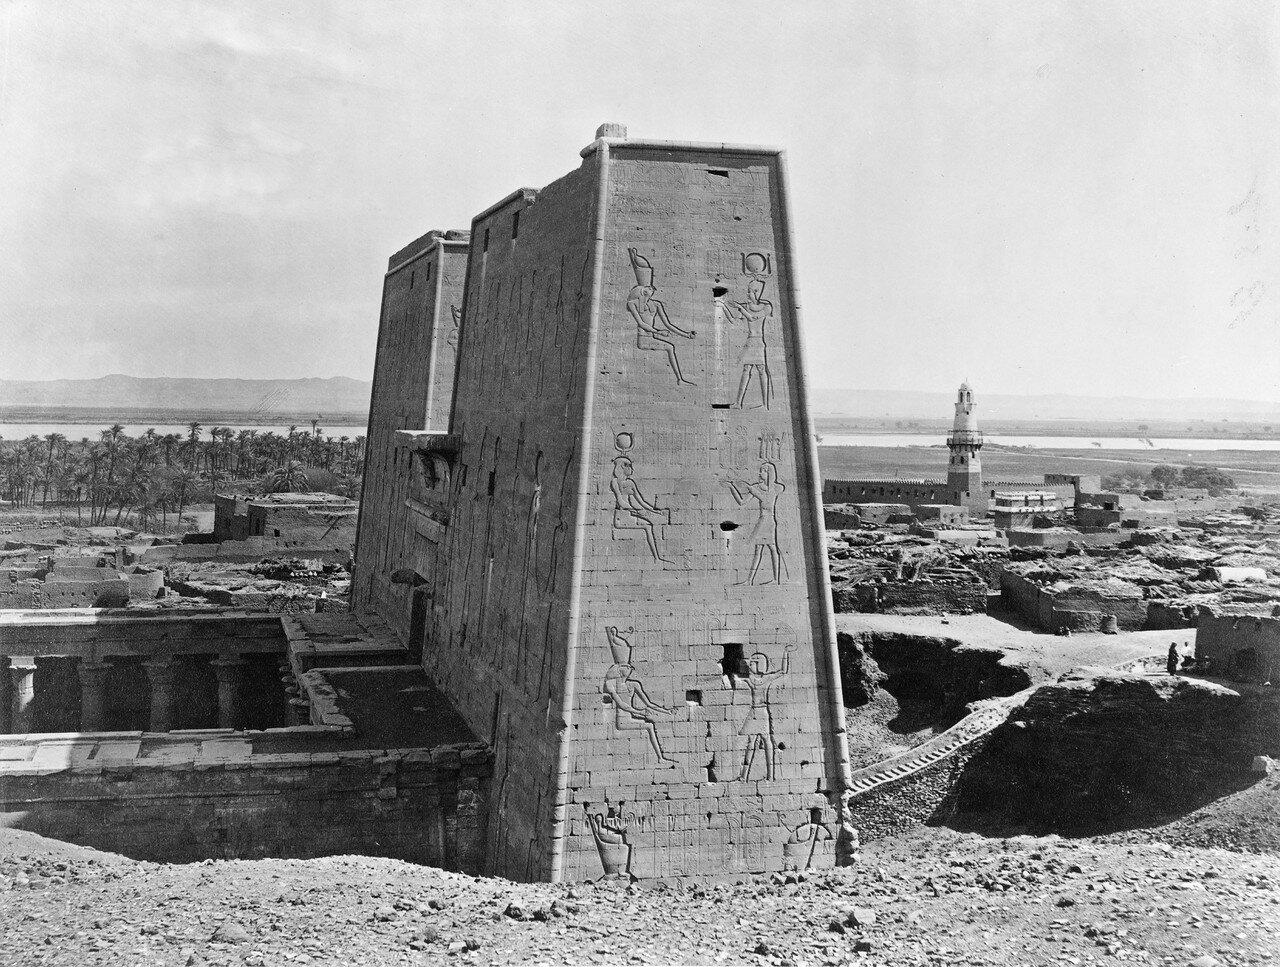 Филе. Пилон храма Исиды